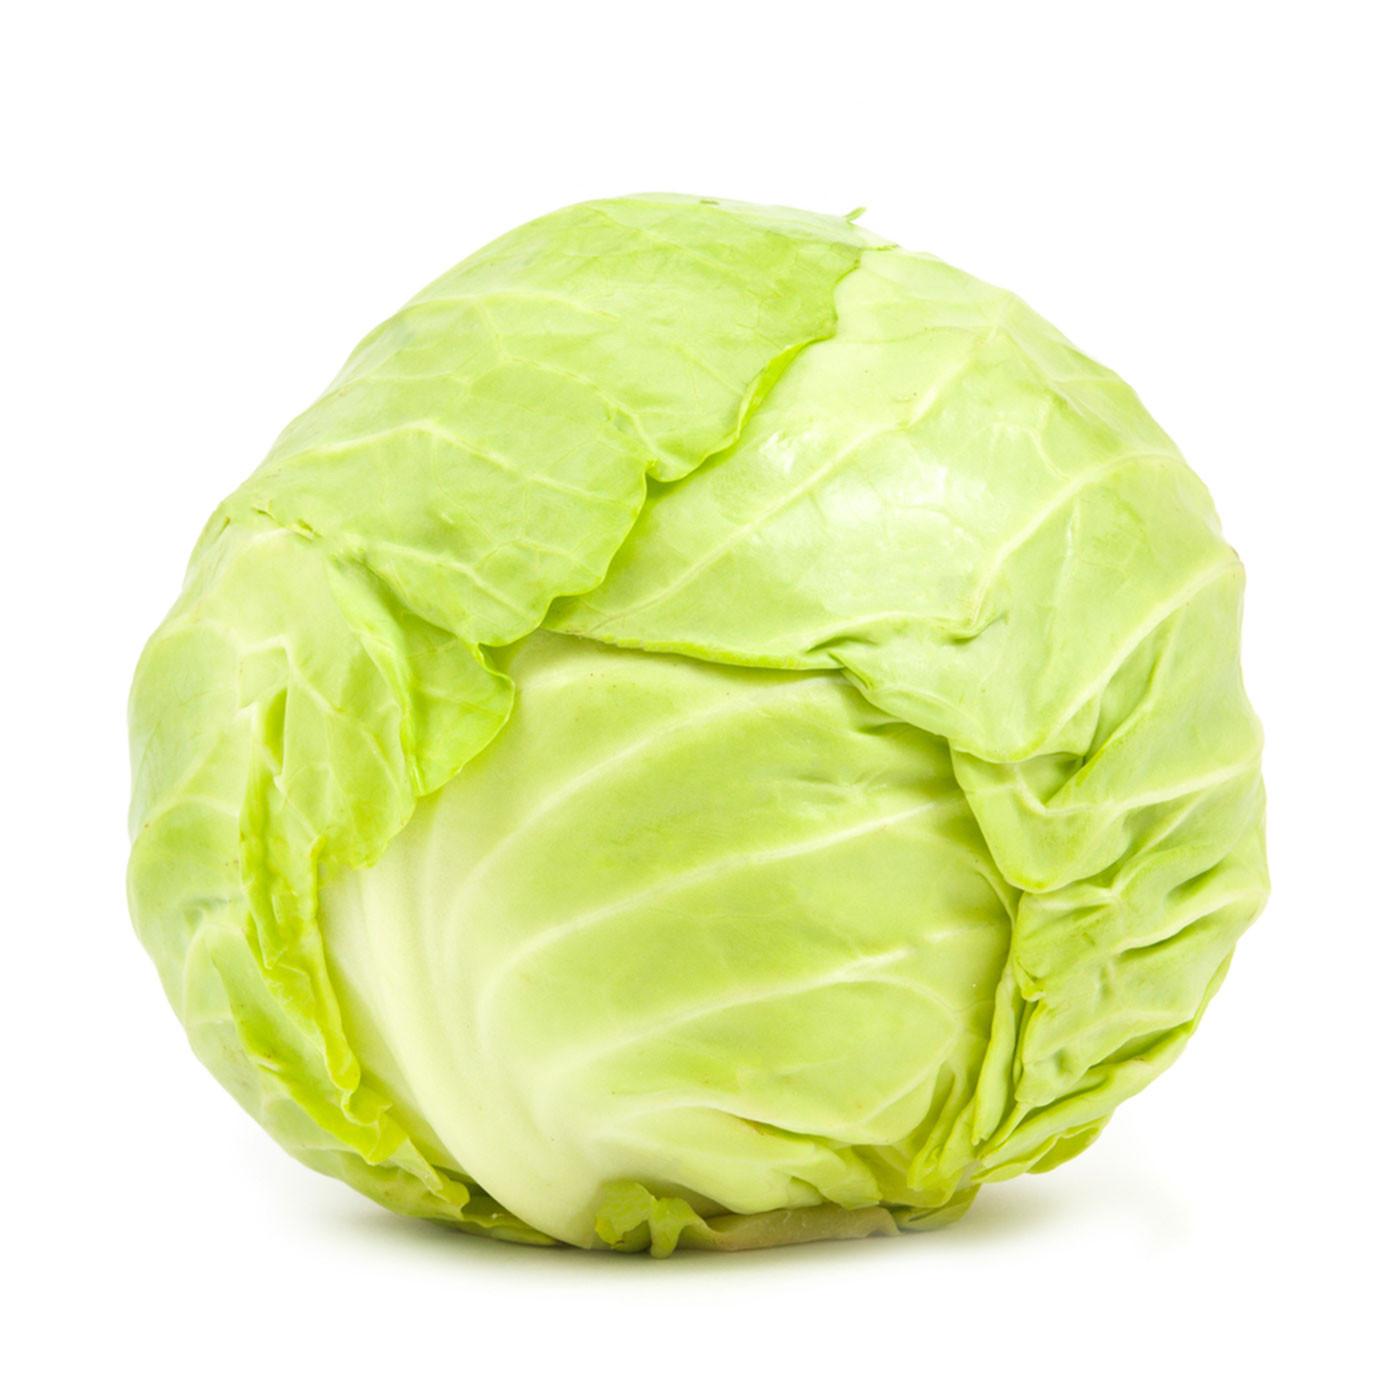 Λάχανο για μαγείρεμα (λαχανοντολμάδες)